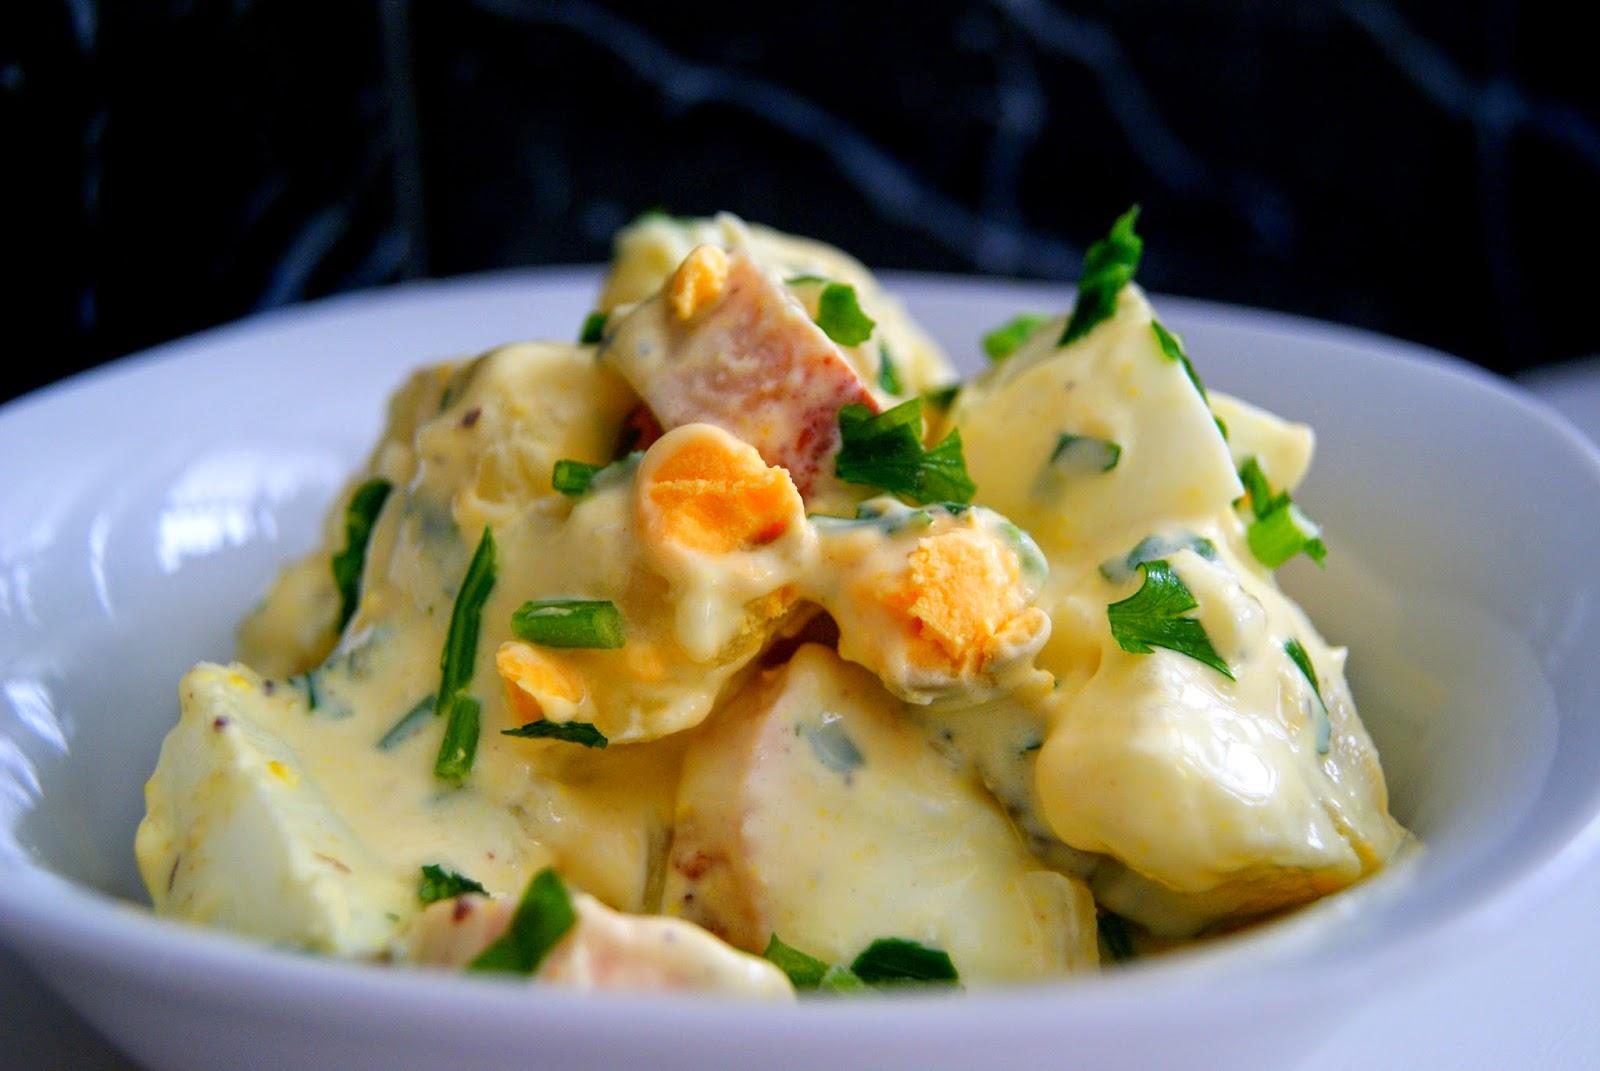 Ensalada alemana de patata kartoffelsalat recetas de - Ensalada alemana de patatas ...